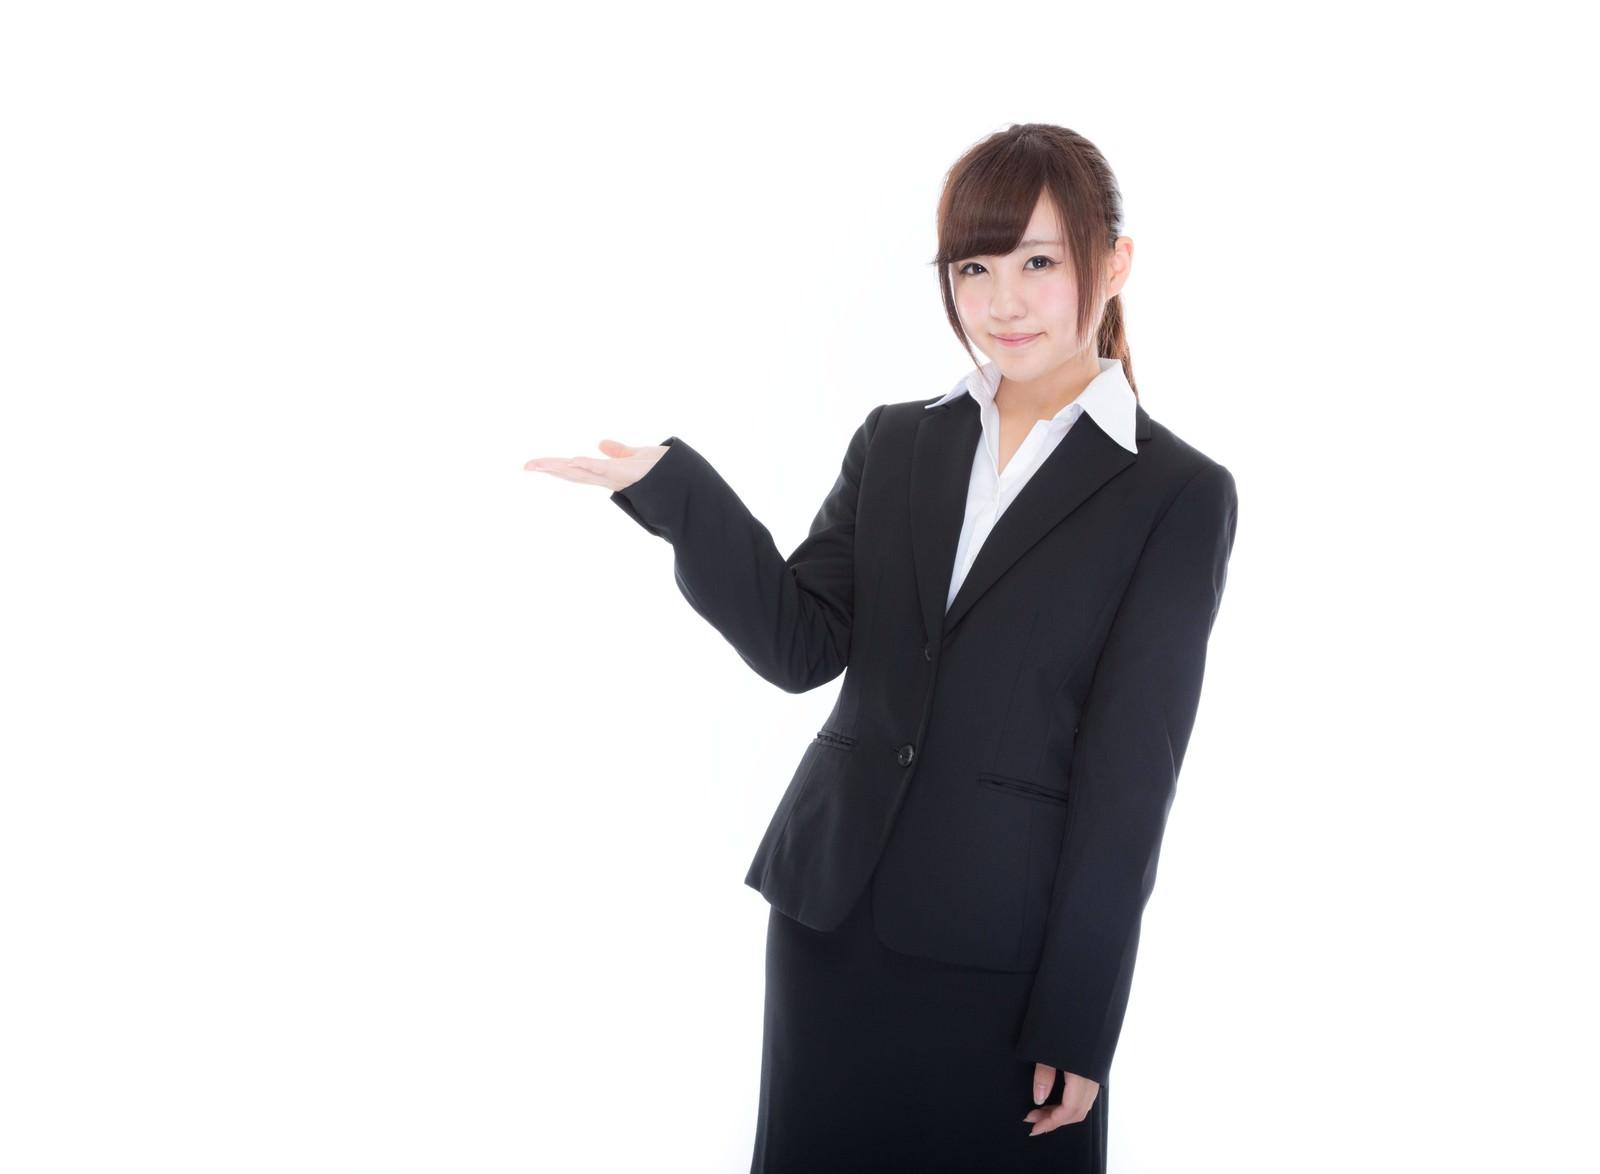 「ご案内するスーツ姿の受付け嬢ご案内するスーツ姿の受付け嬢」[モデル:河村友歌]のフリー写真素材を拡大